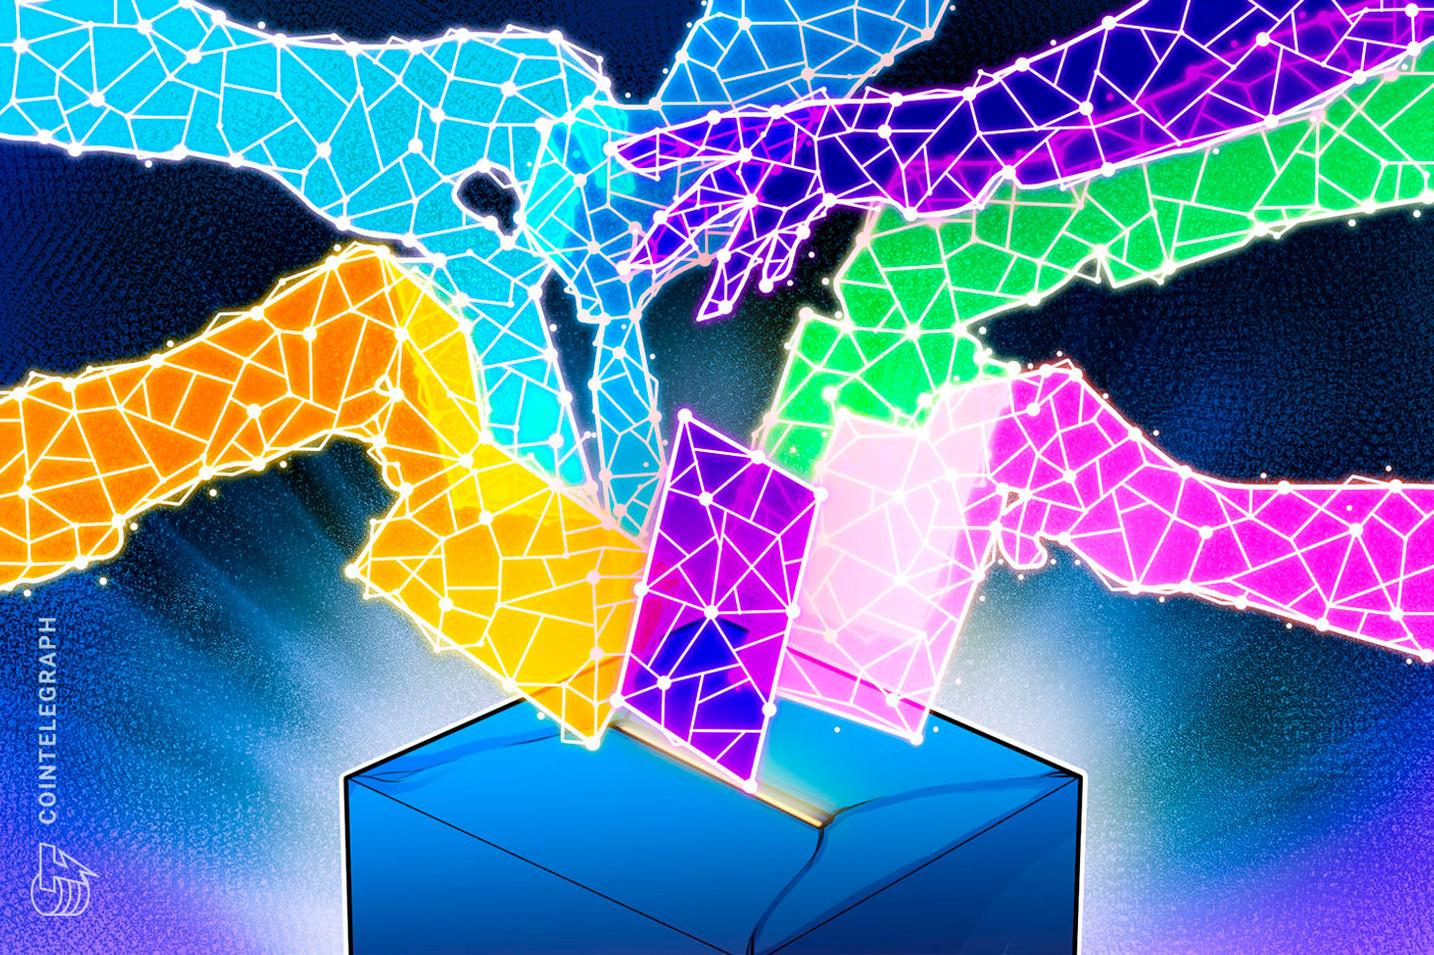 オウケイウェイヴのブロックチェーン投票システム、米最大の保守派組織で採用【ニュース】